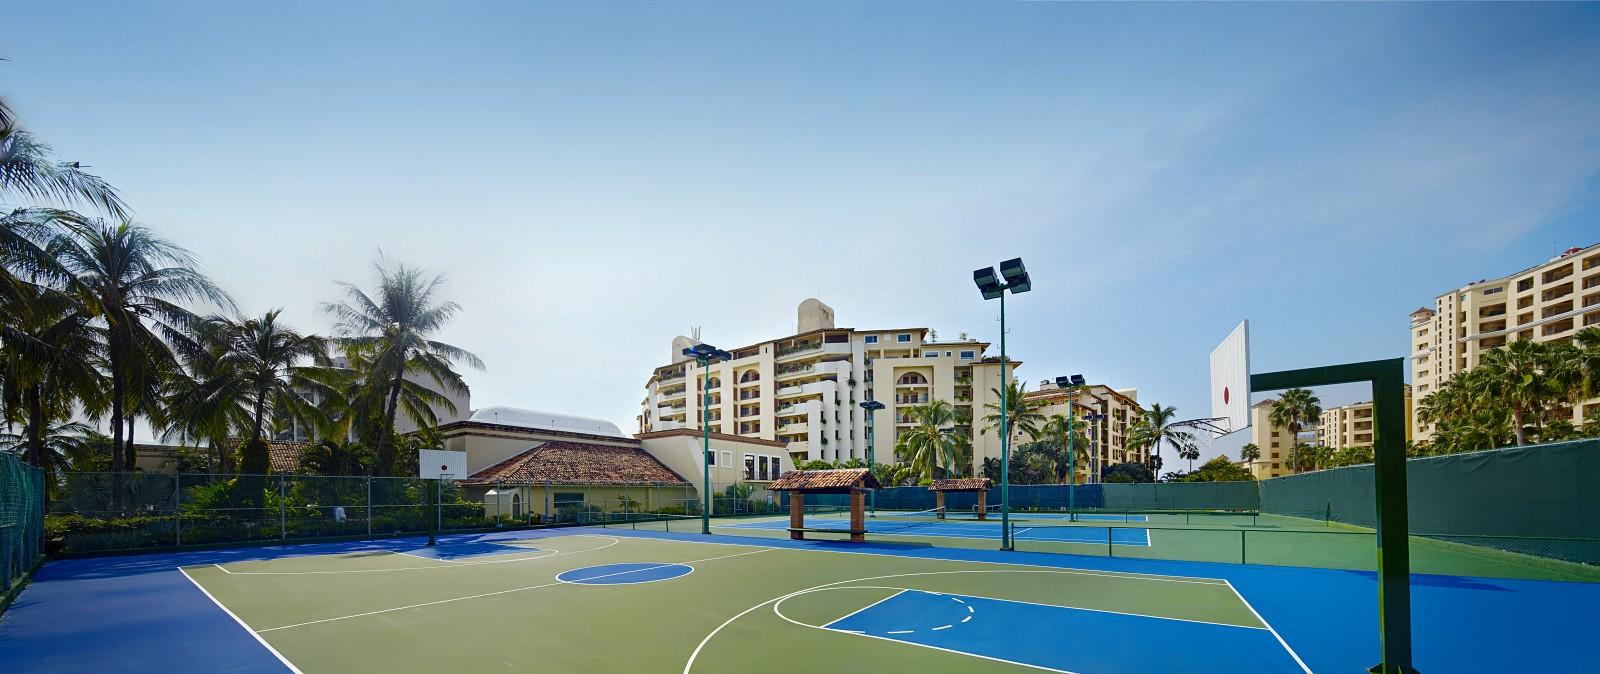 Canchas de tenis y basquetboll.